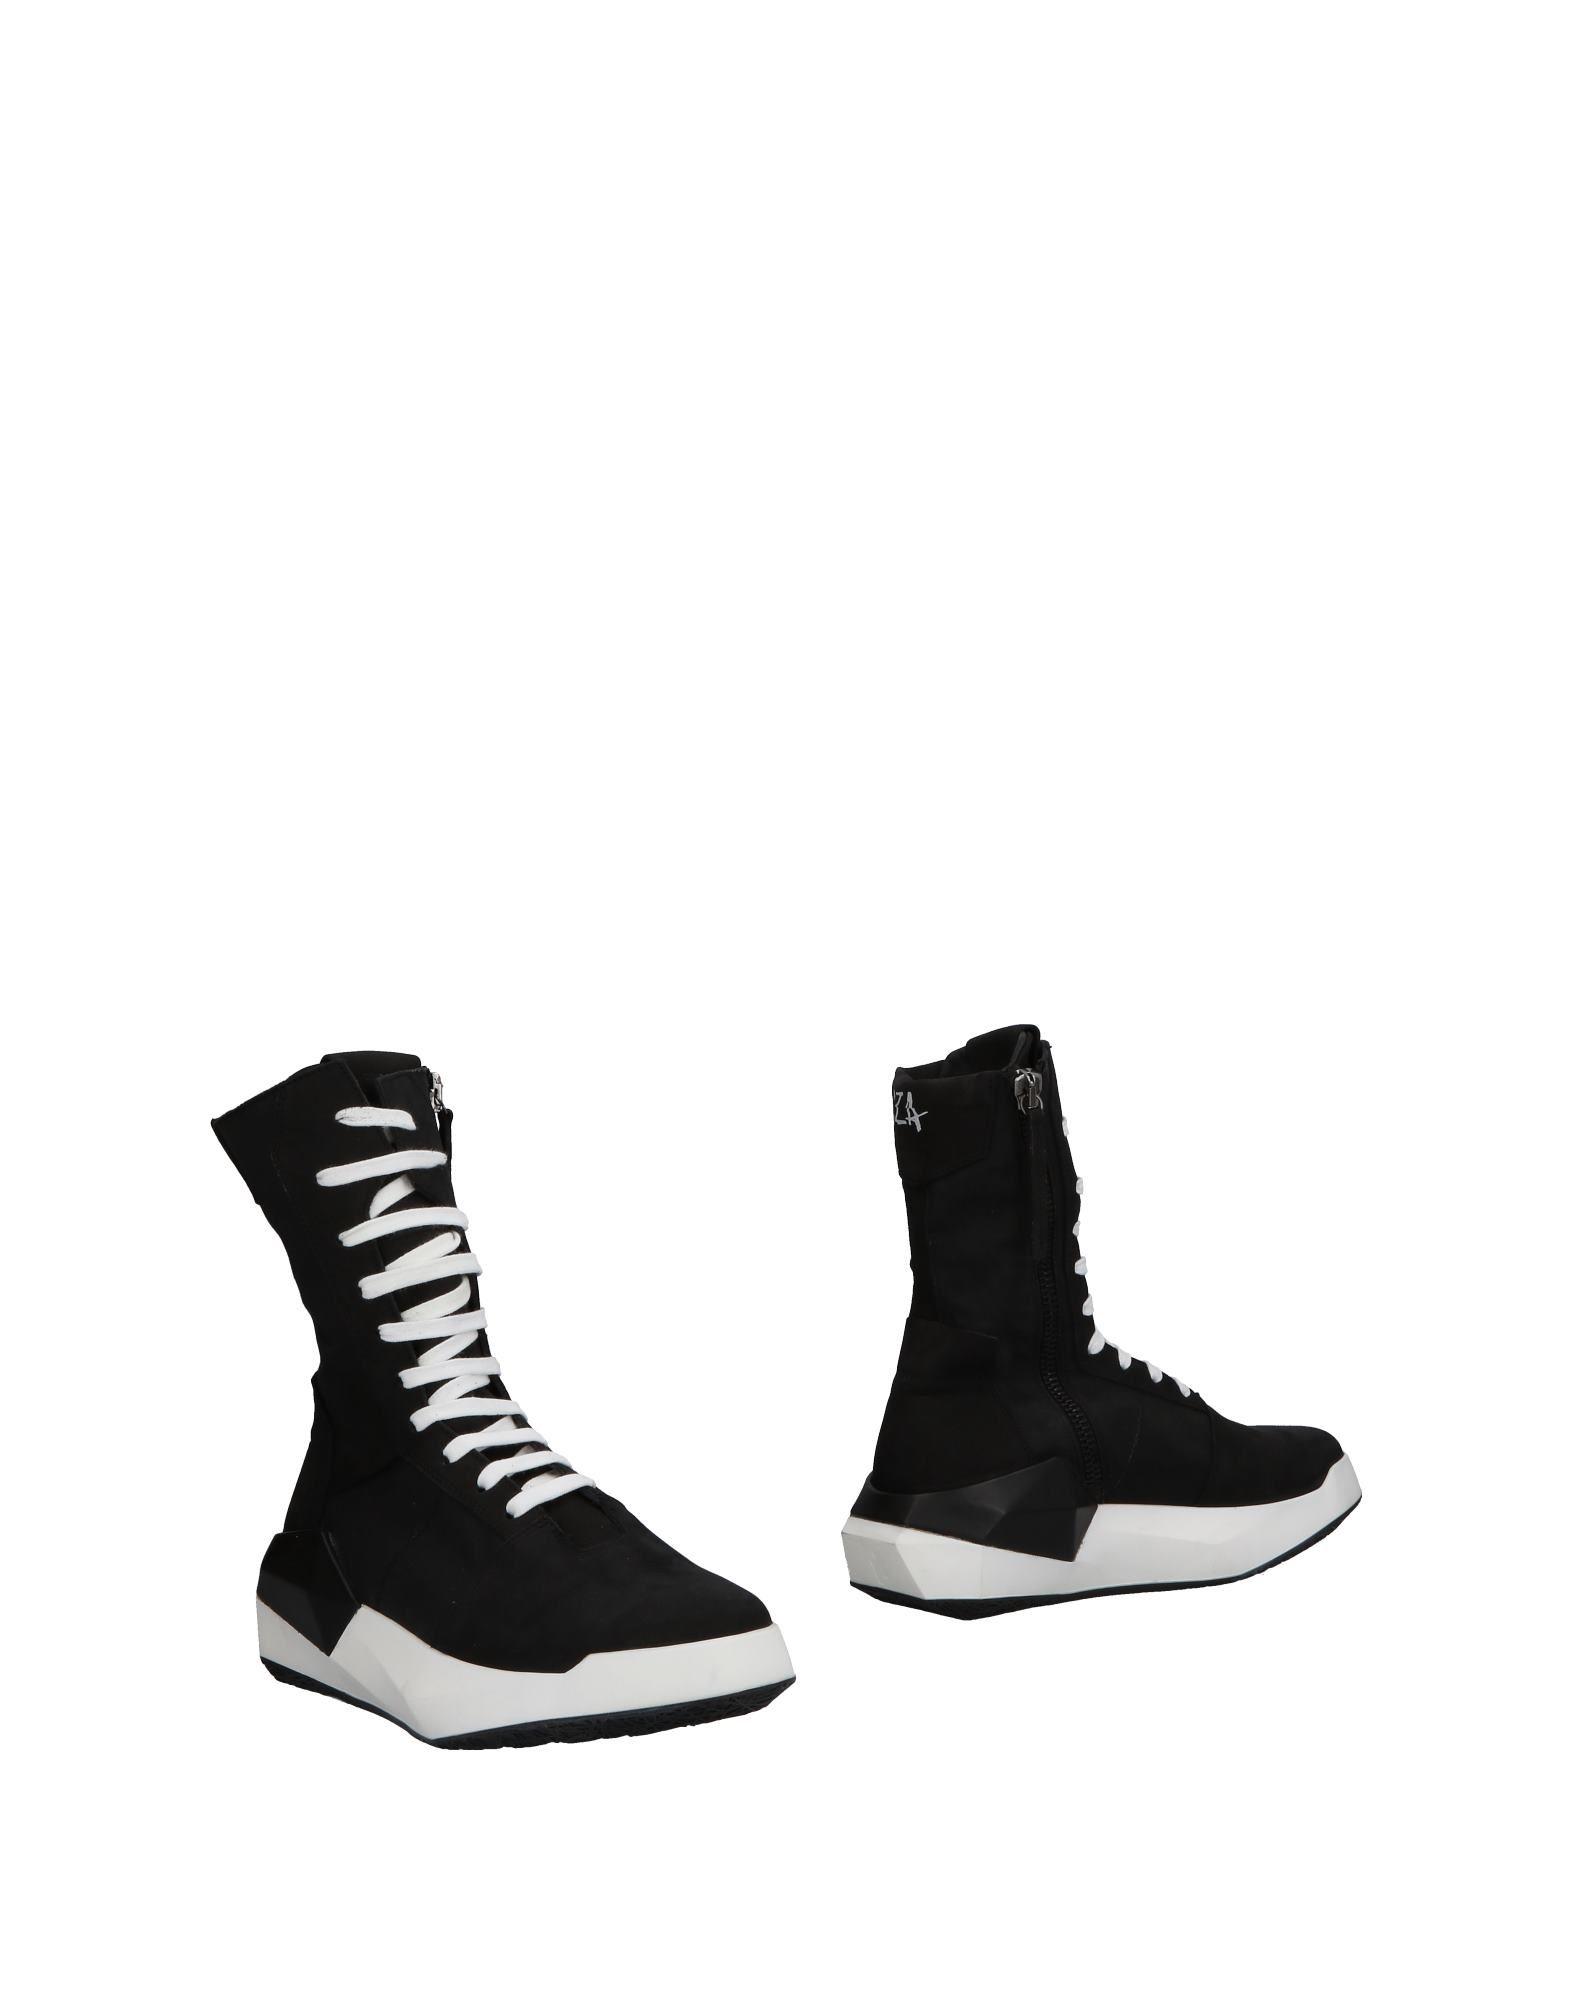 Cinzia Araia Stiefelette Qualität Herren  11494069WS Gute Qualität Stiefelette beliebte Schuhe 33a166